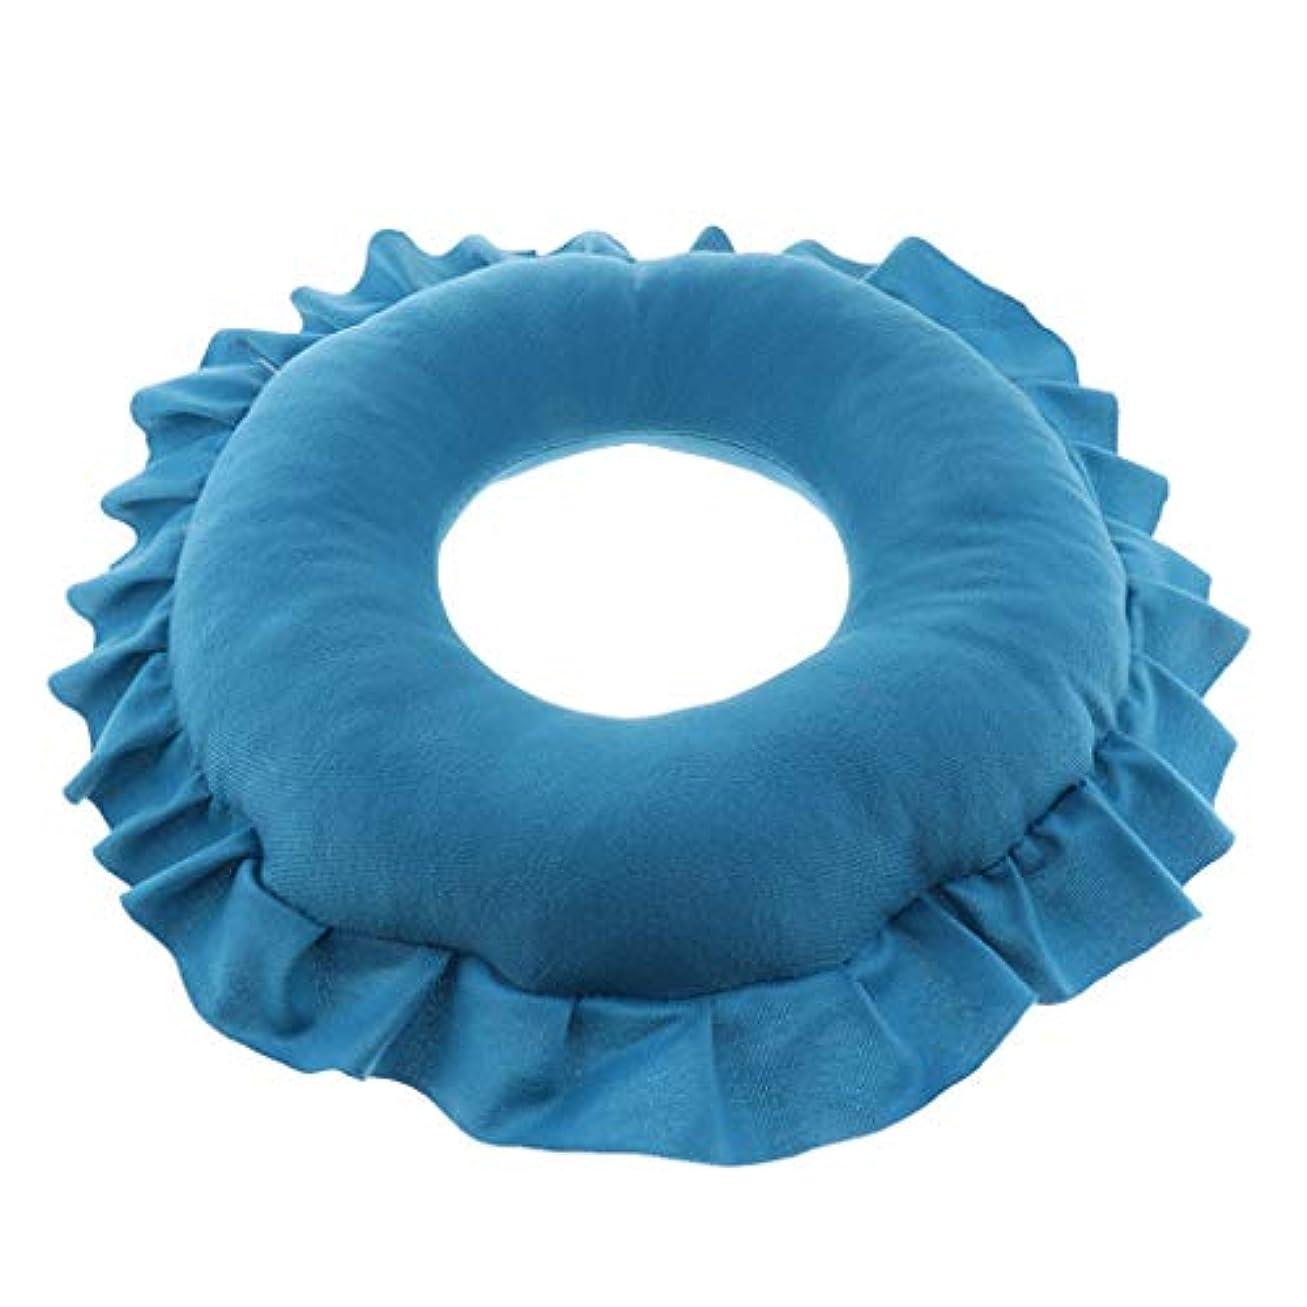 ビット音節好むP Prettyia 顔マク フェイスマット マッサージ枕 顔枕 ラウンド 直径30cm 洗える 柔らかい 快適 全4色 - 青